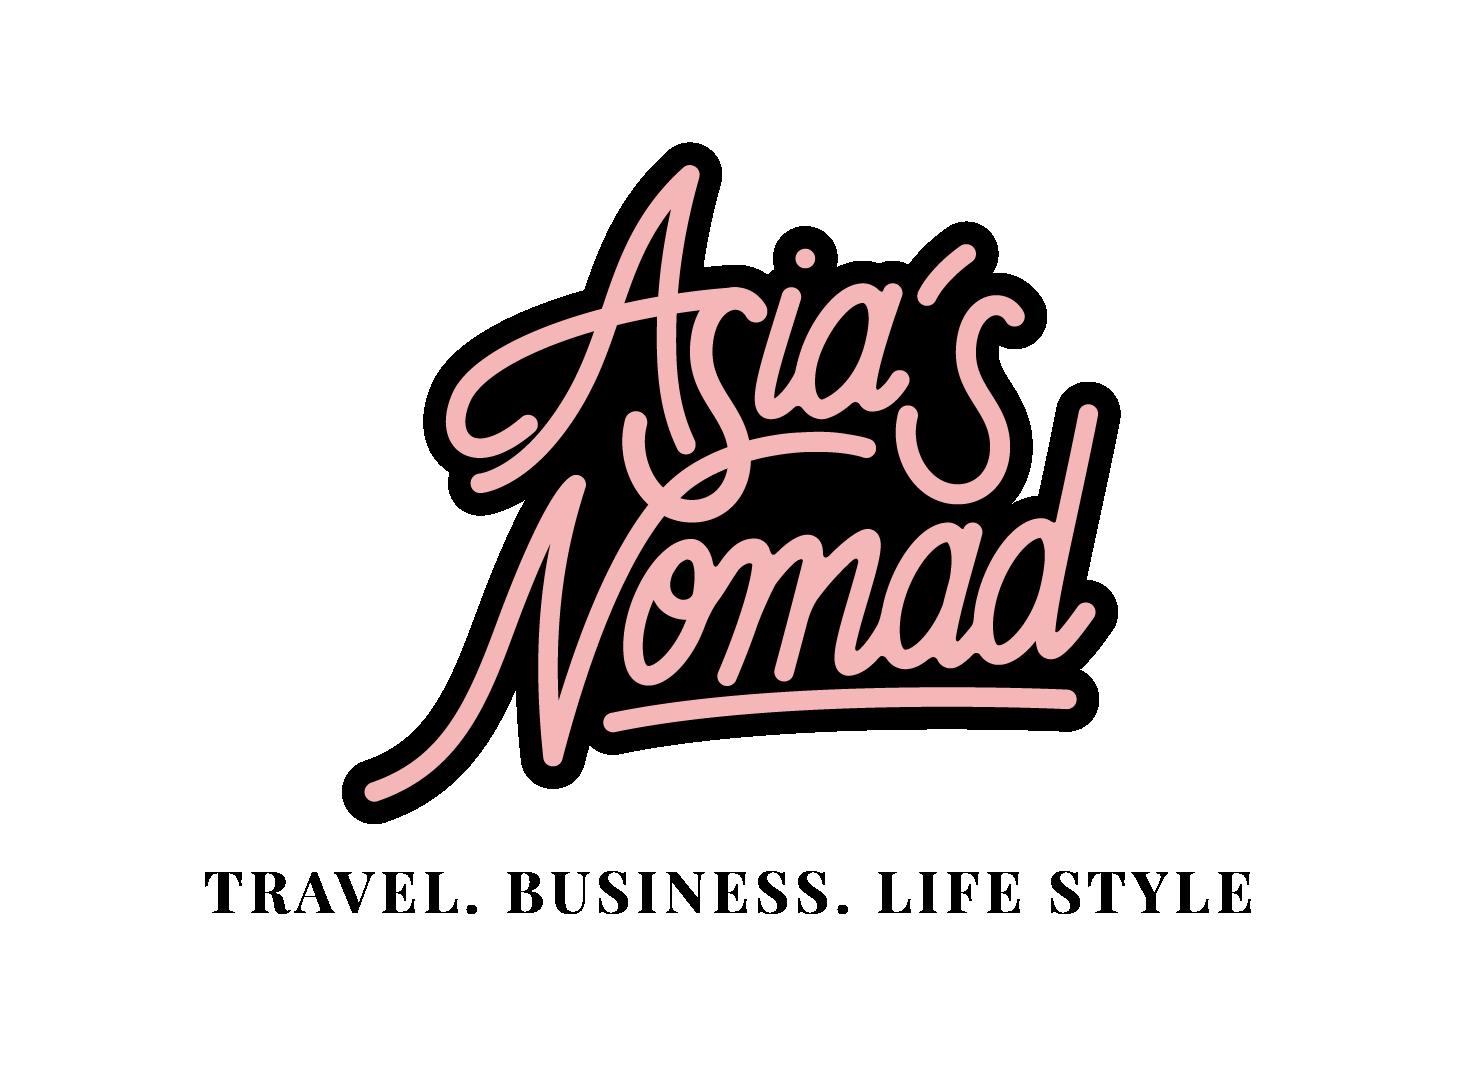 Asia's Nomad